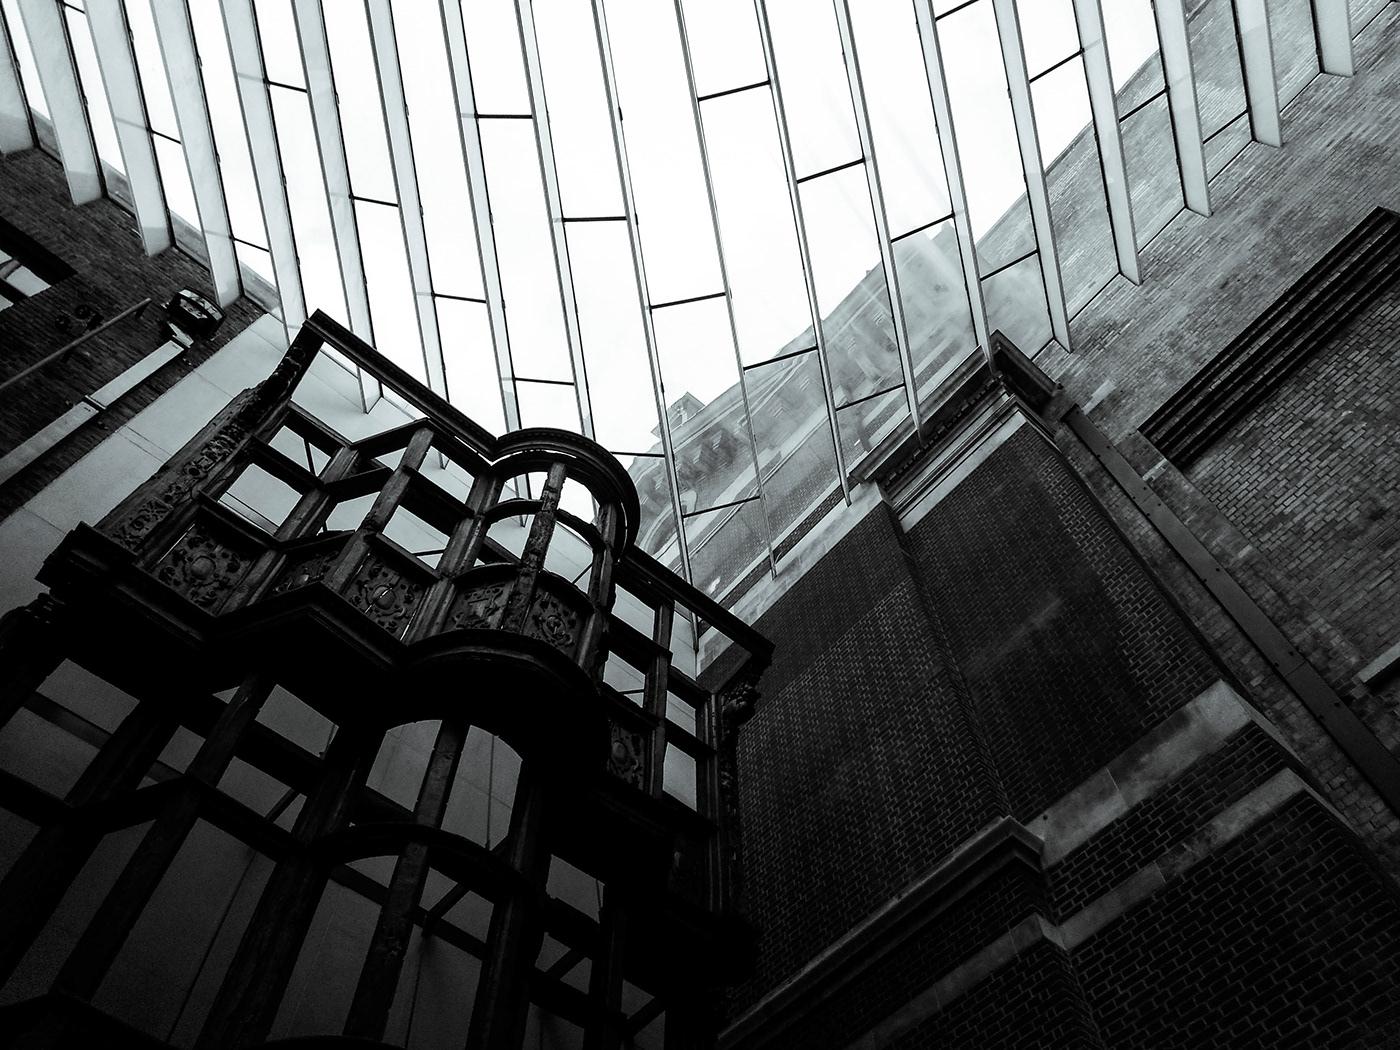 Travel photography by Eleah Ramos - View her portfolio at eleahramos.com